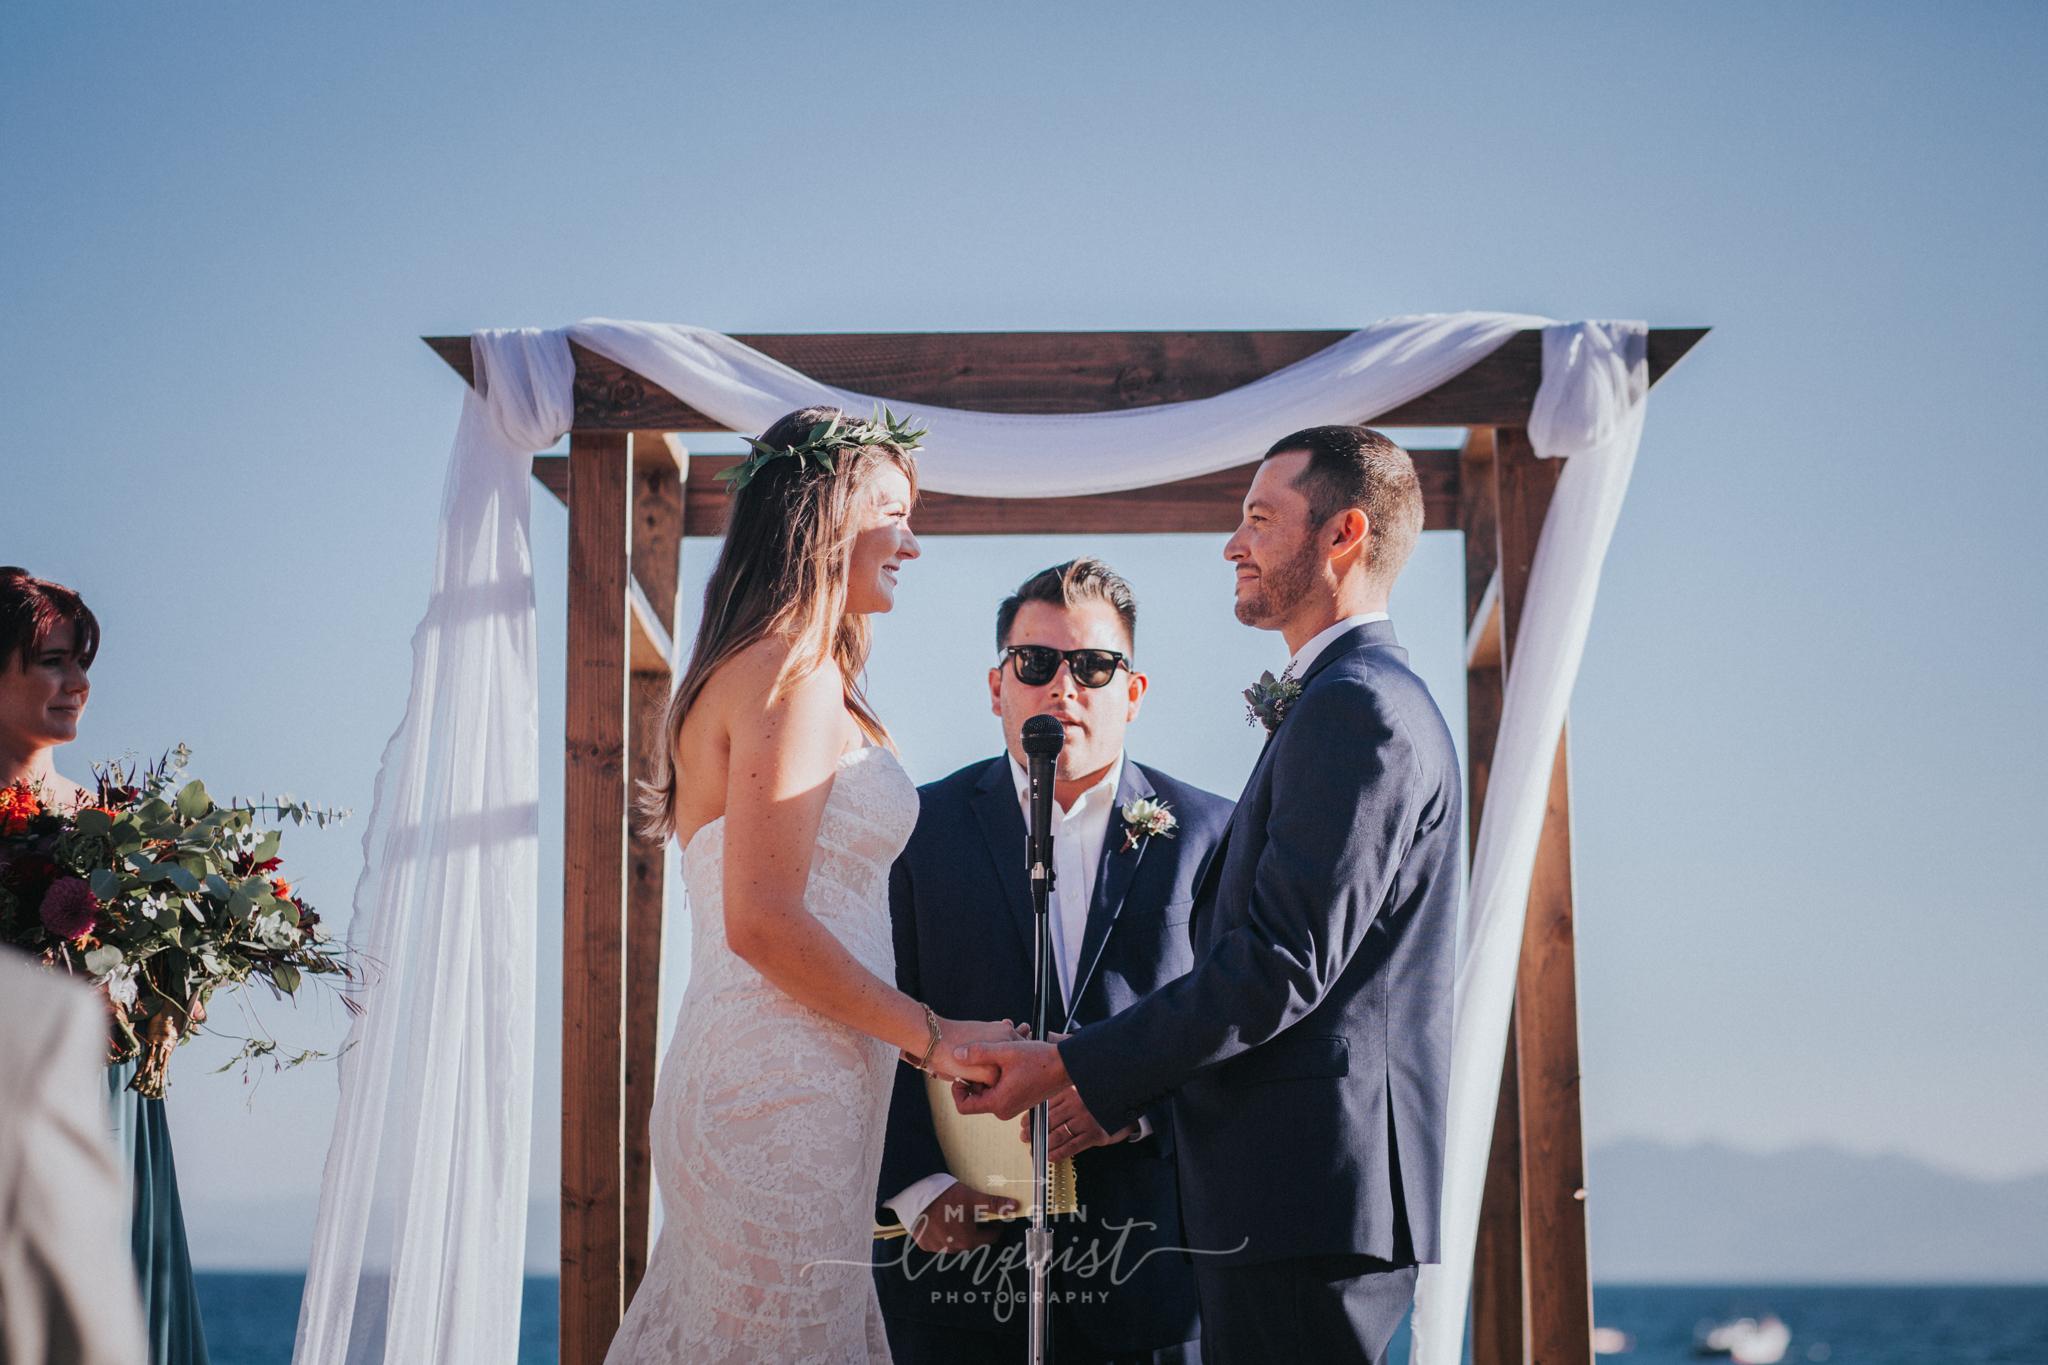 bohemian-style-lake-wedding-reno-lake-tahoe-wedding-photographer-19.jpg